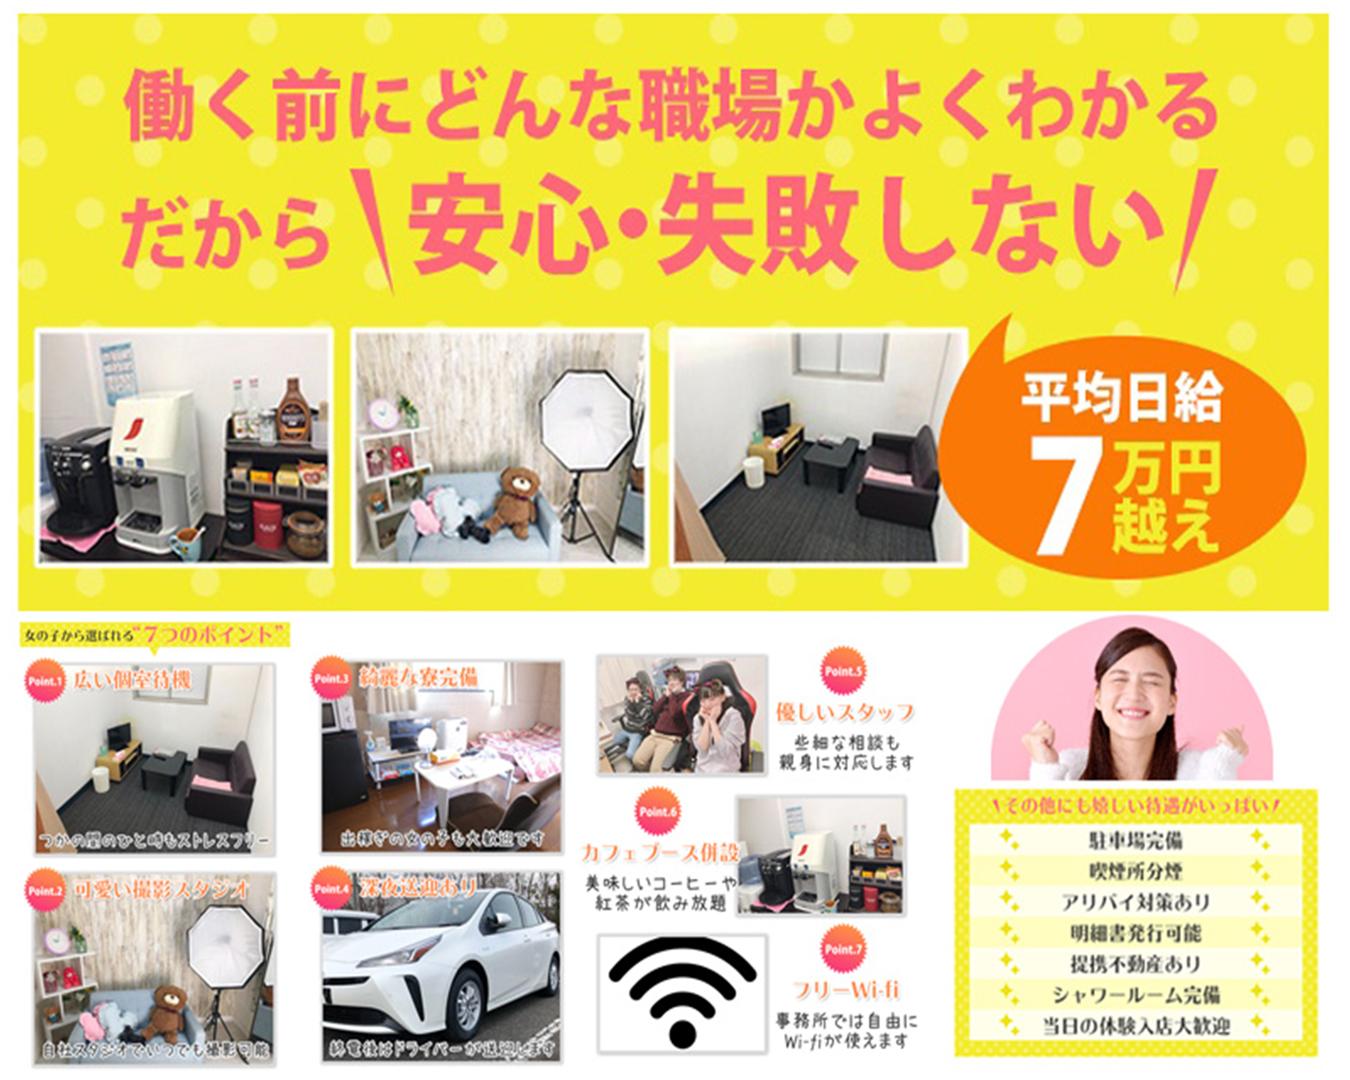 ときめきビンビンリゾートin熊谷の求人画像